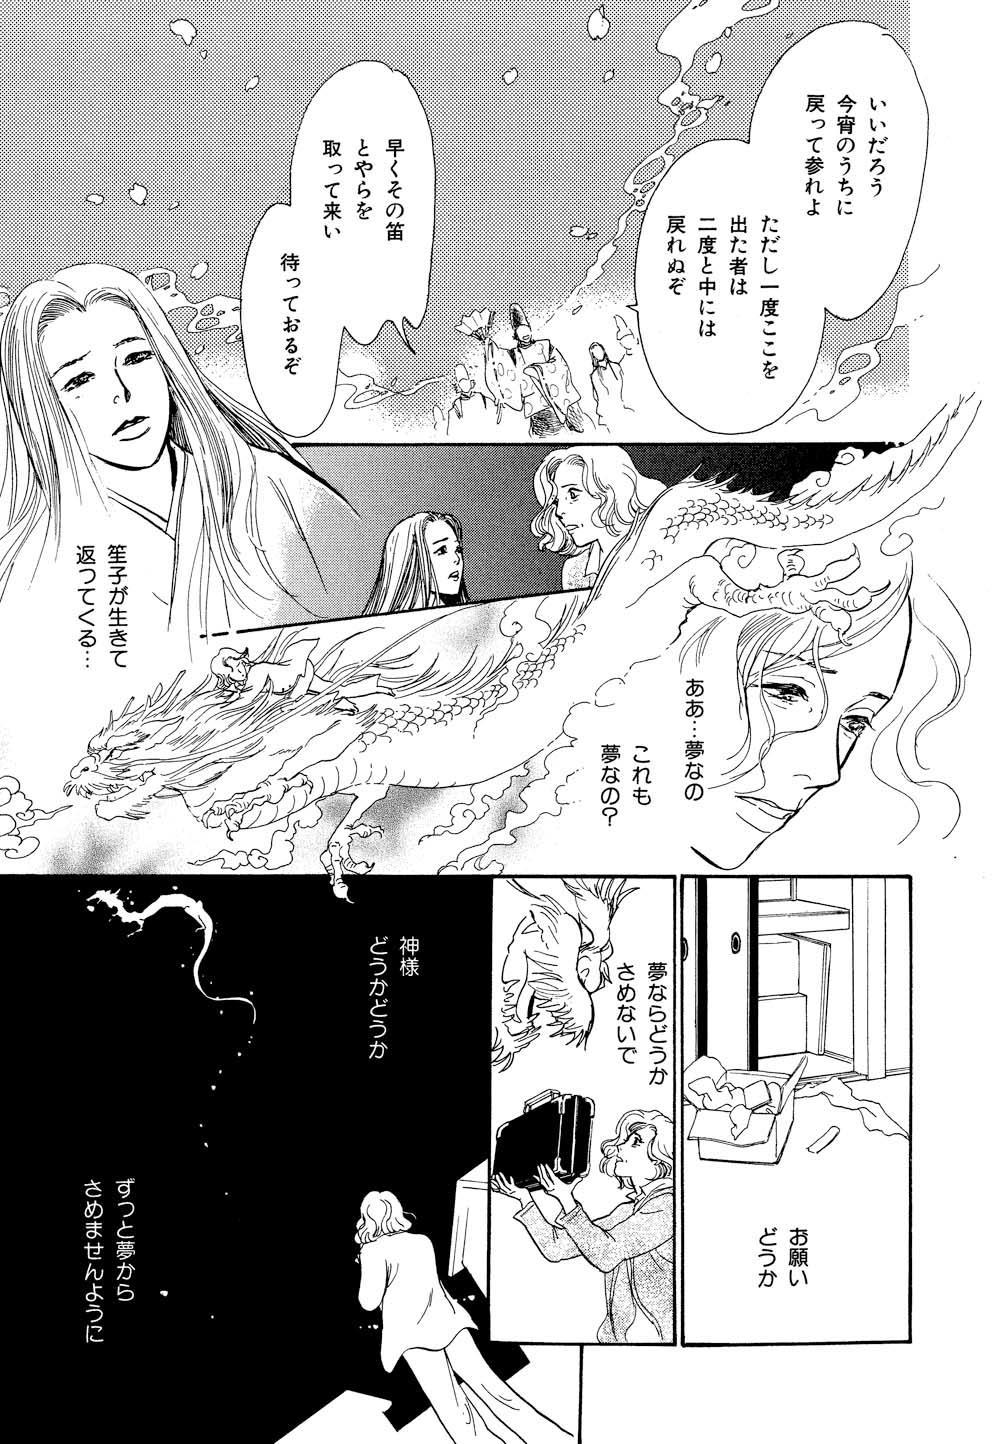 百鬼夜行抄_09_0159.jpg